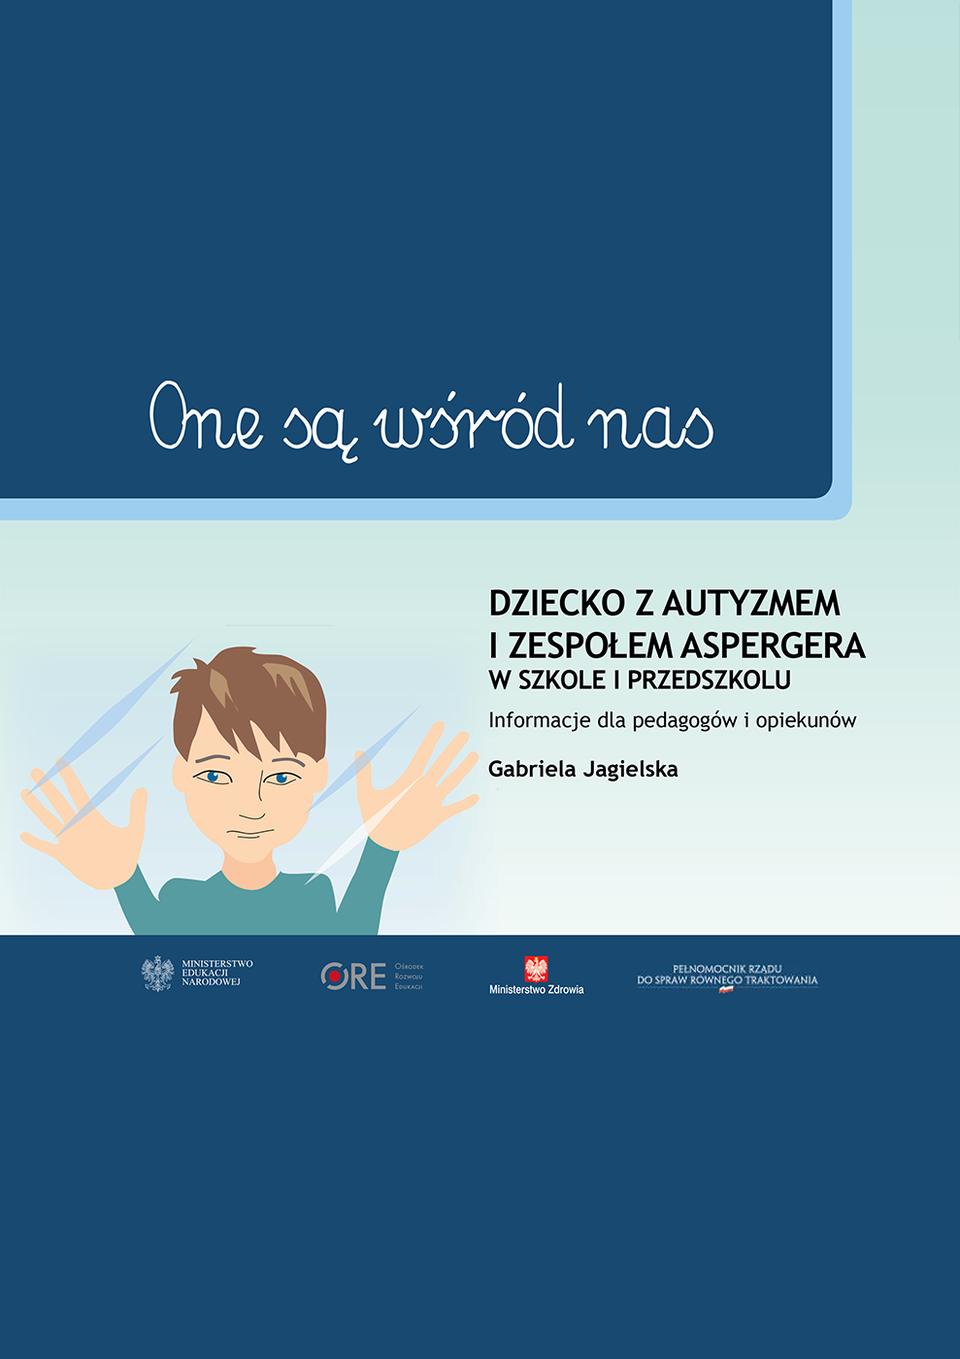 Pobierz plik: Dziecko-z-autyzmem-i-zespoem-aspergera-w-szkole-i-przedszkolu_G.Jagielska.pdf